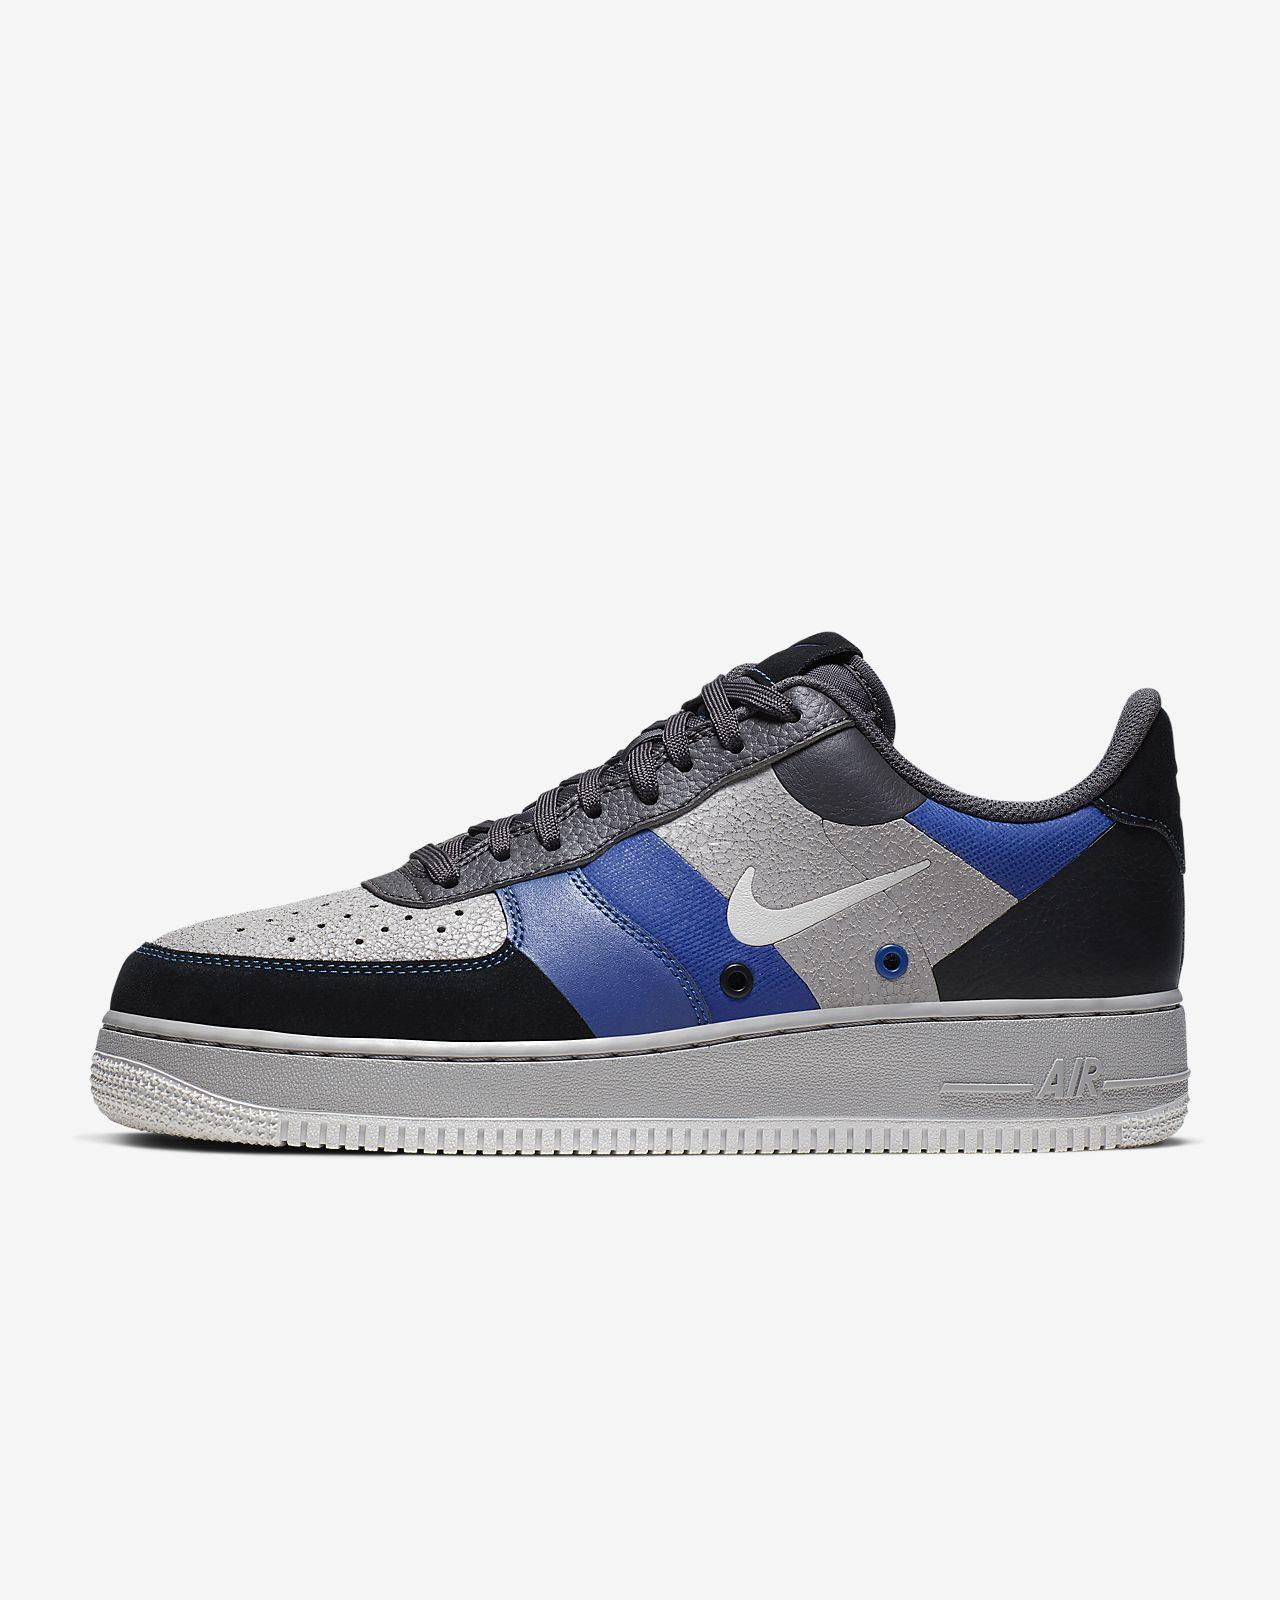 NikeAir Force 1 '07 PRM 1 男子运动鞋